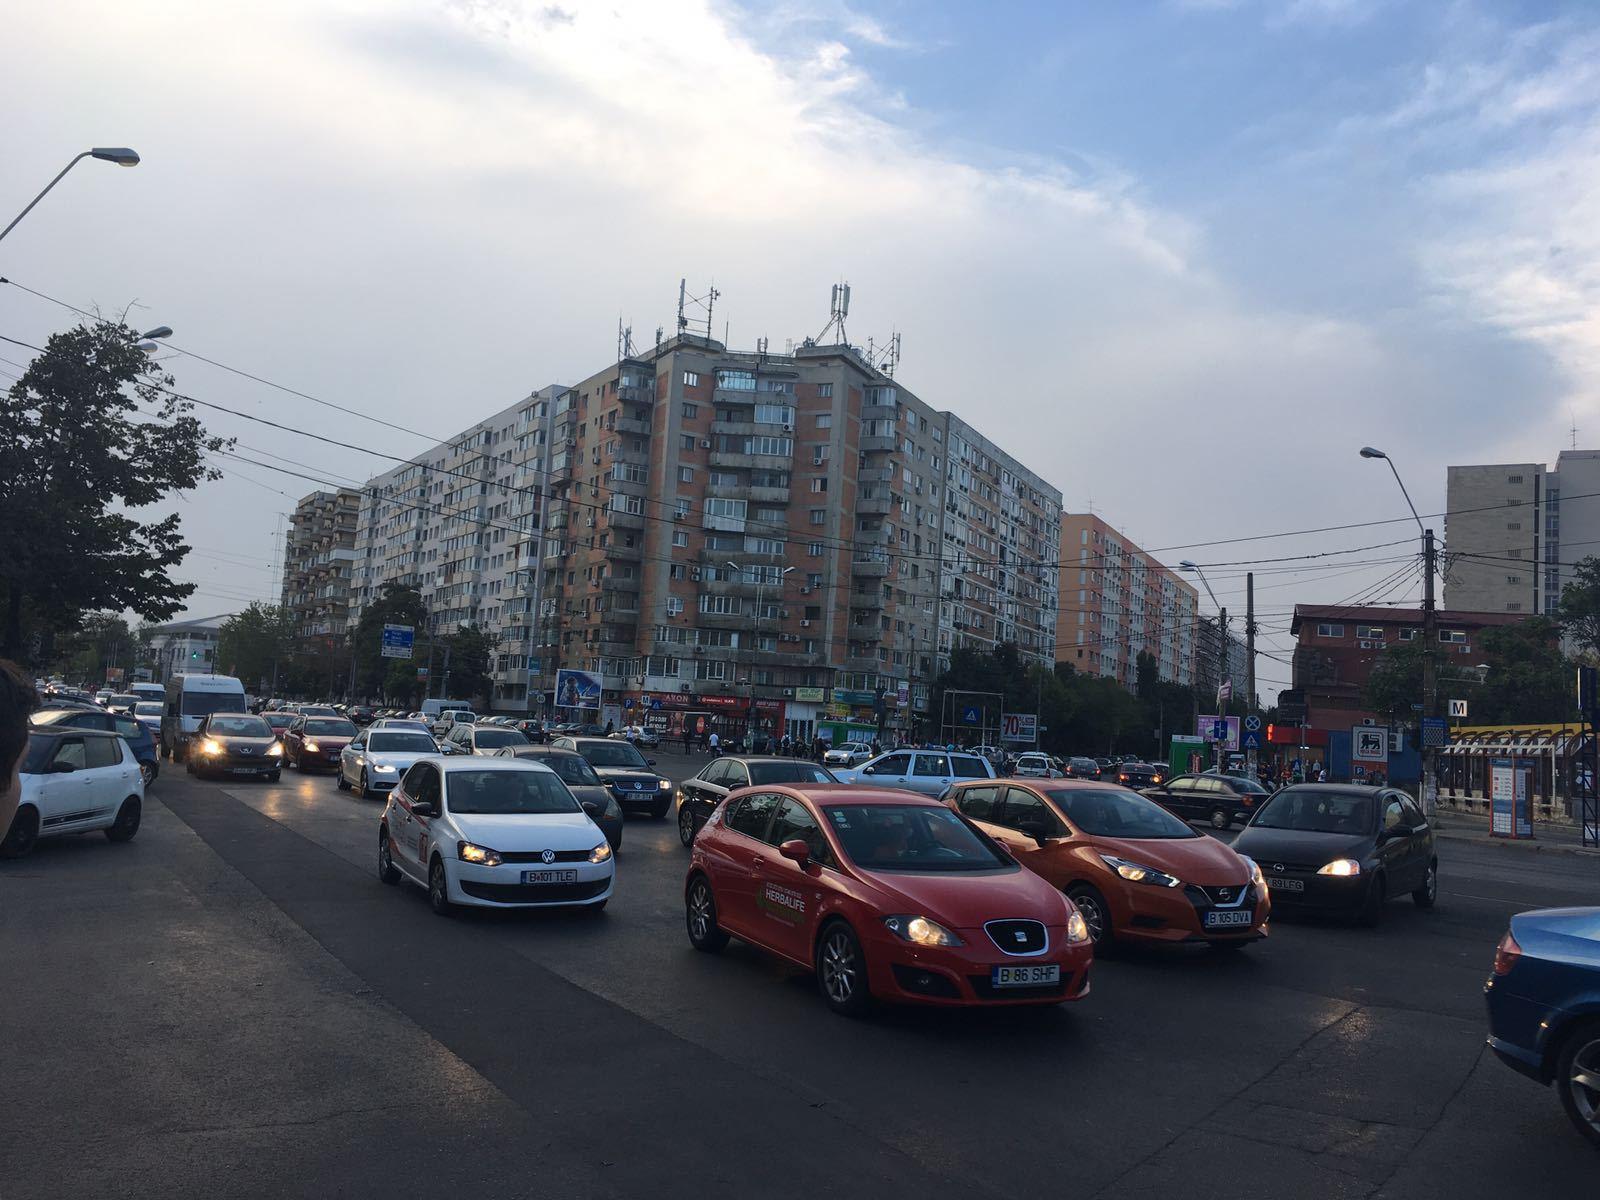 FOTO   Se circulă cu dificultate în Capitală   Mulţi părinţi au parcat neregulamentar şi au blocat traficul/ Şase maşini s-au ciocnit la Podul de la Băneasa, iar o bandă este blocată pe sensul către Otopeni